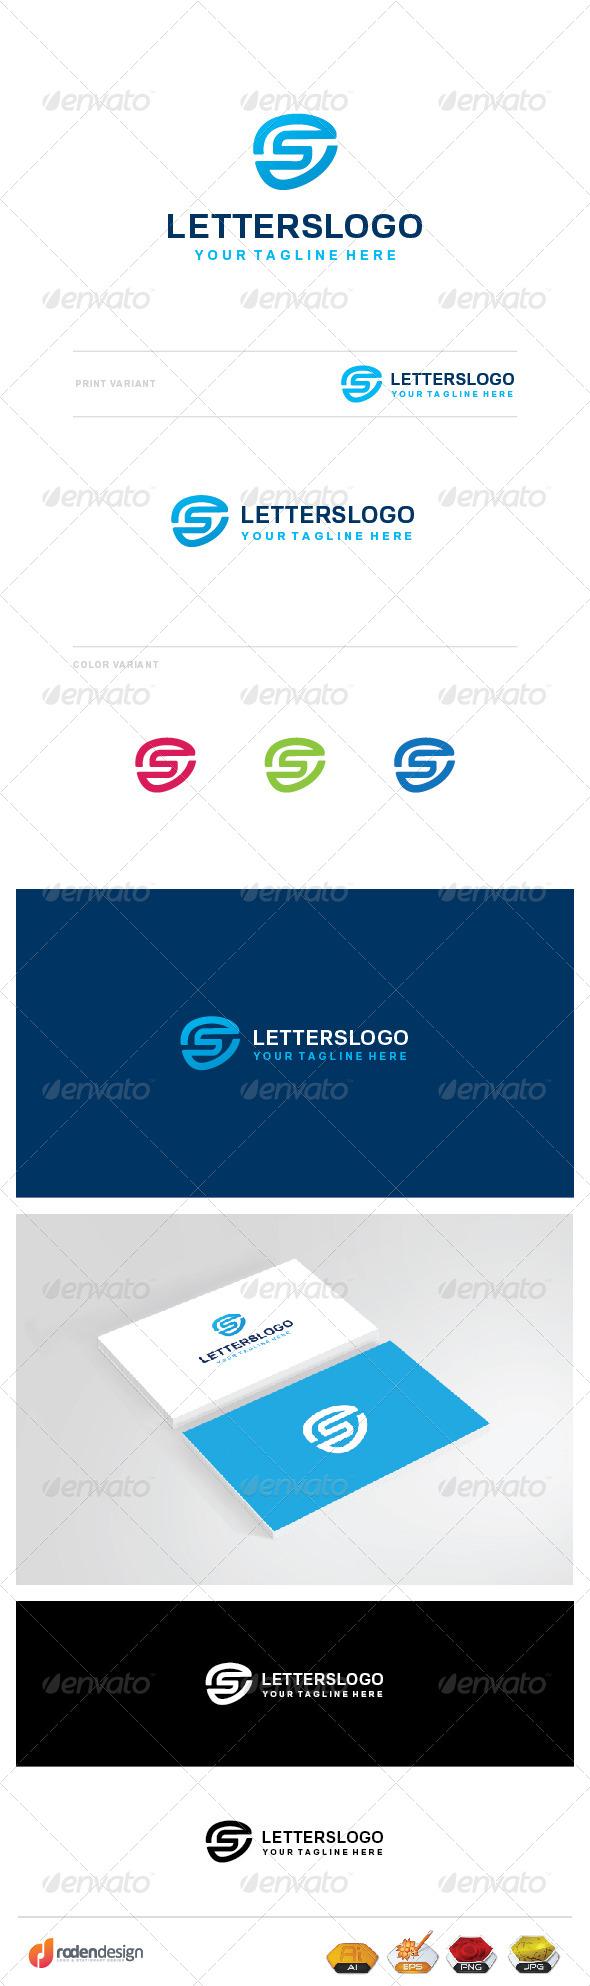 GraphicRiver S Letter Logo 8241347